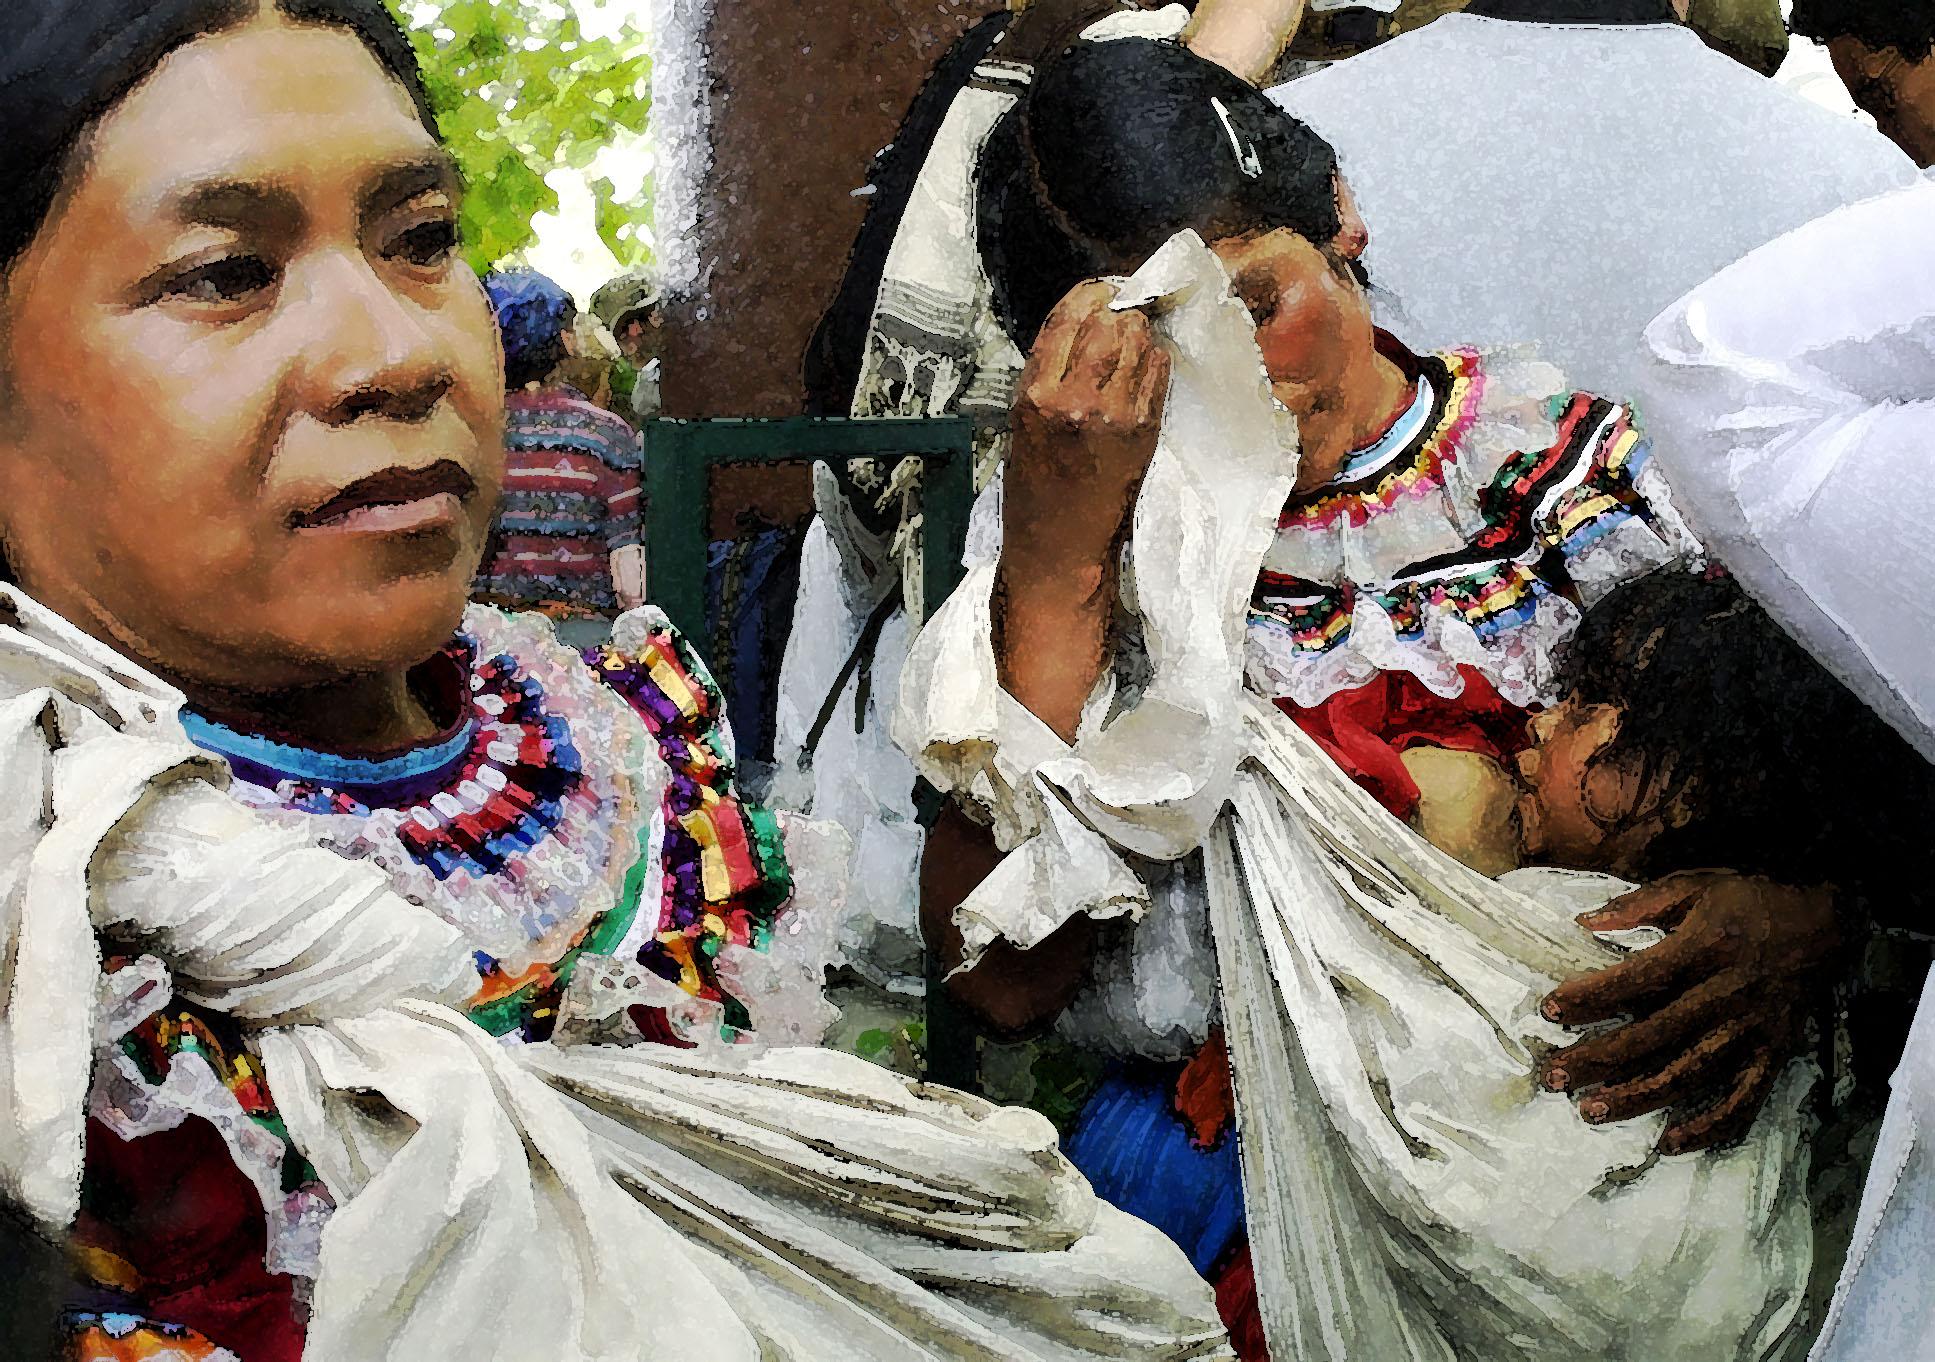 Indigenas en iguala marcha mil colores 2001